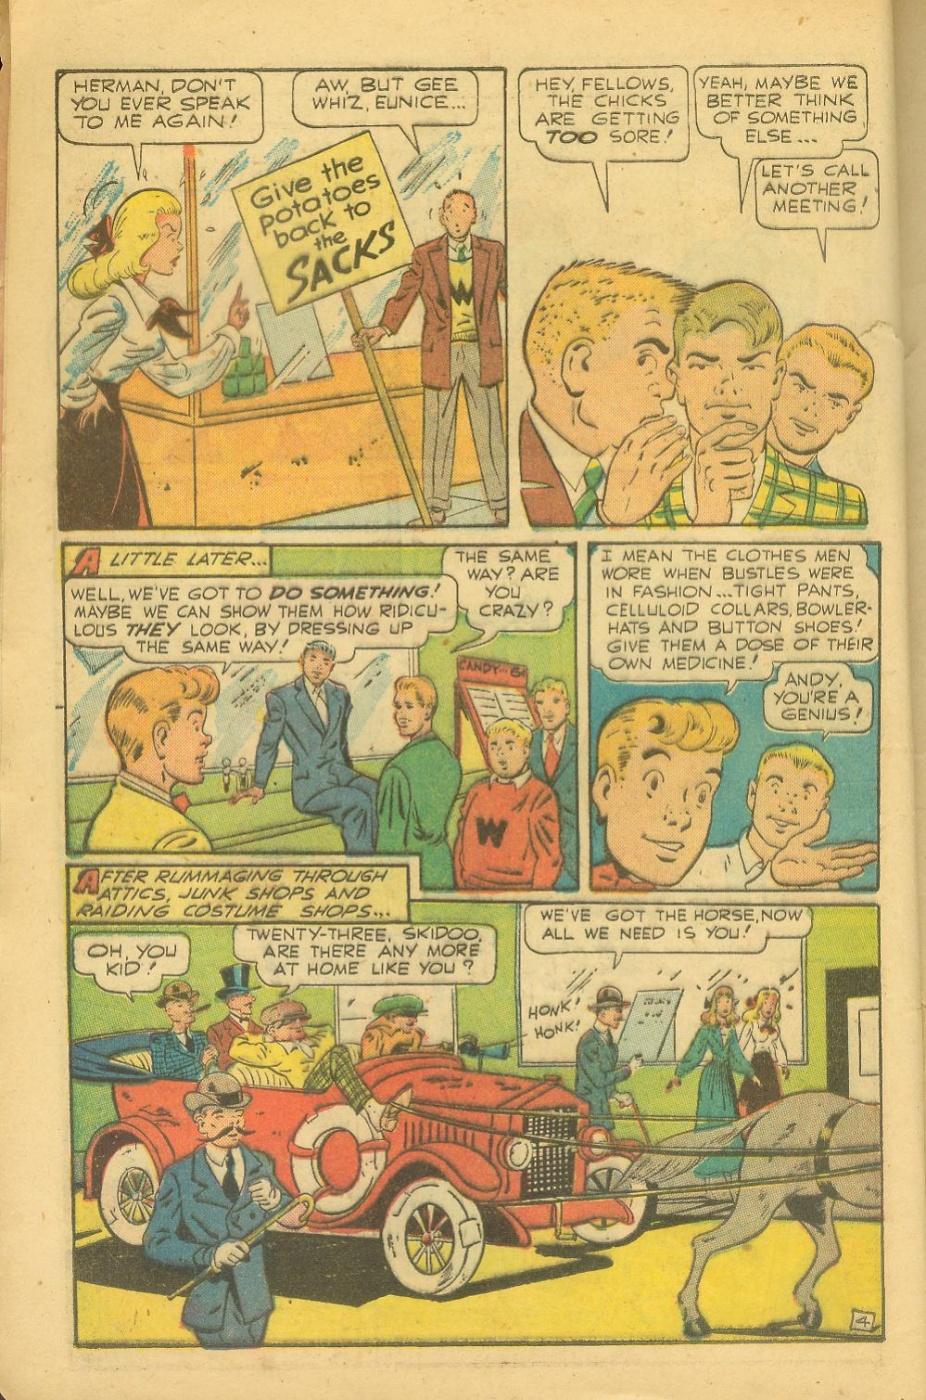 Andy-Comics-Funny-Comics (6)